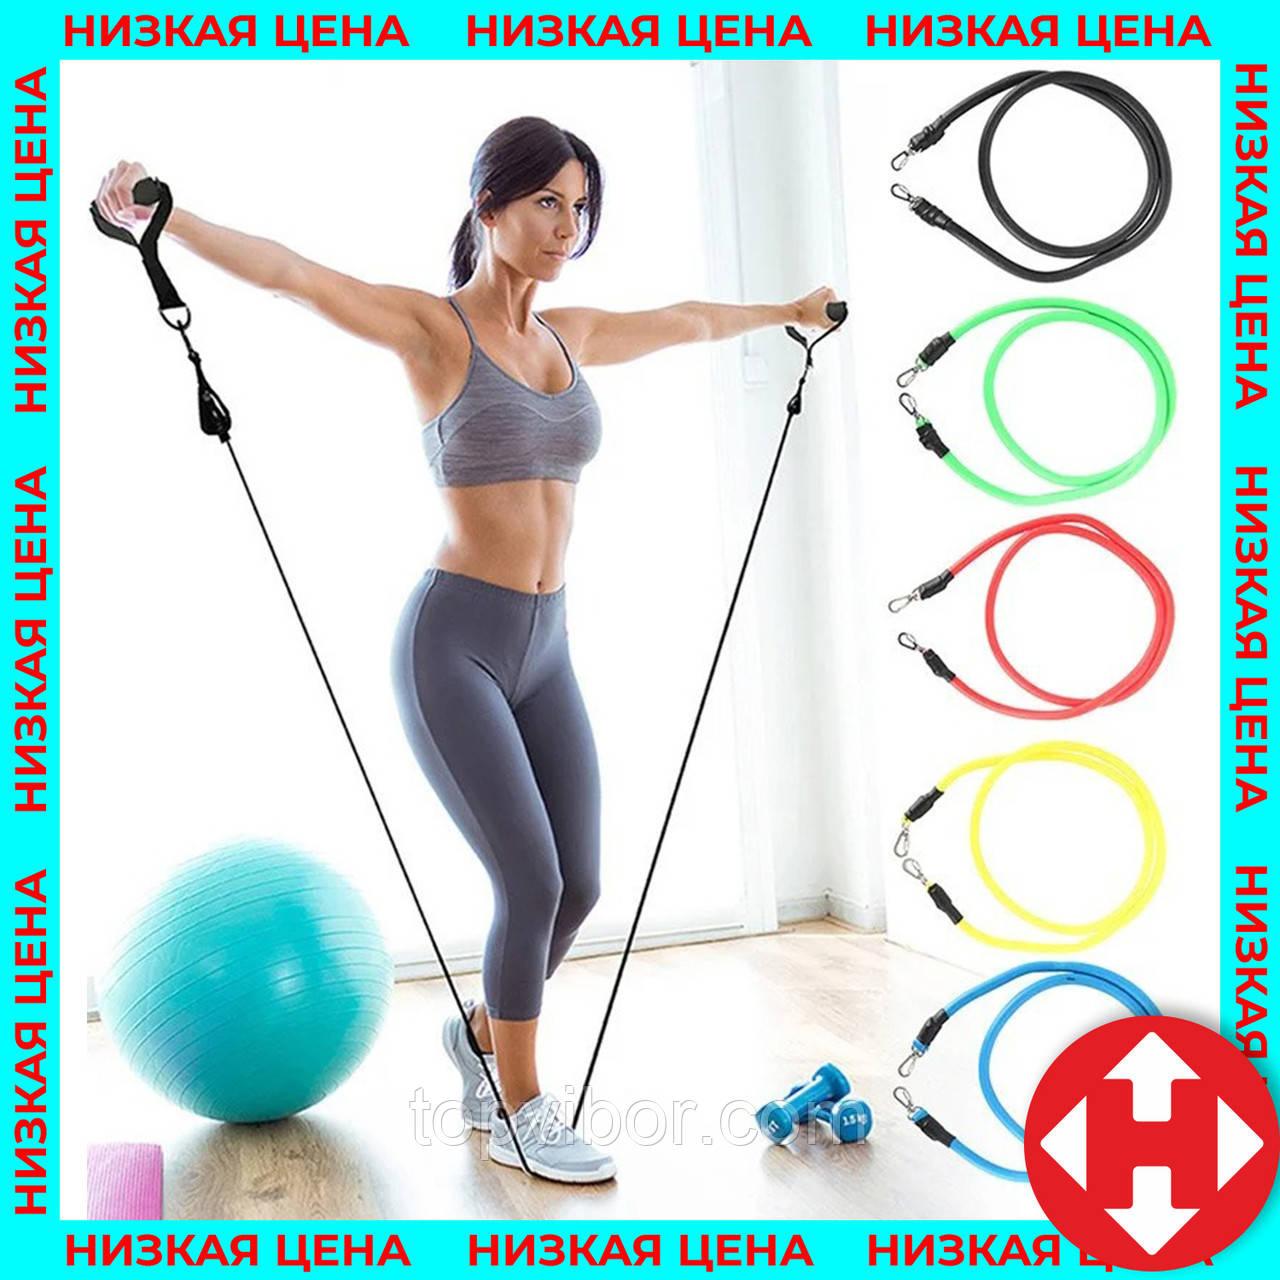 Набор трубчатых эспандеров 11 предметов, резиновый многофункциональный эспандер с ручками для фитнеса